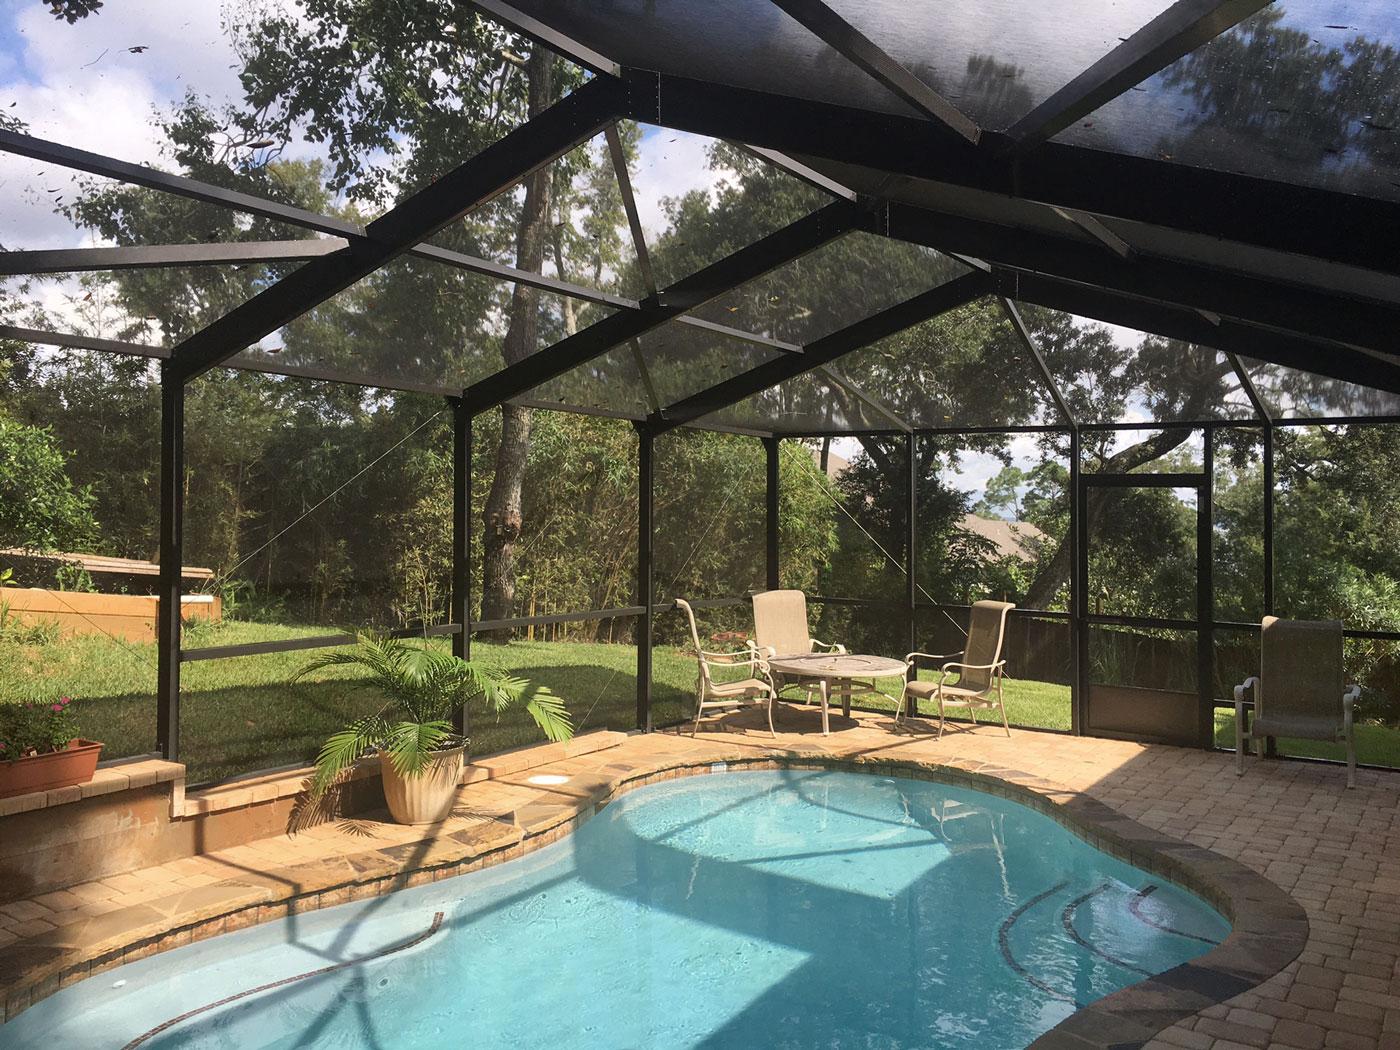 Pool enclosure in Destin